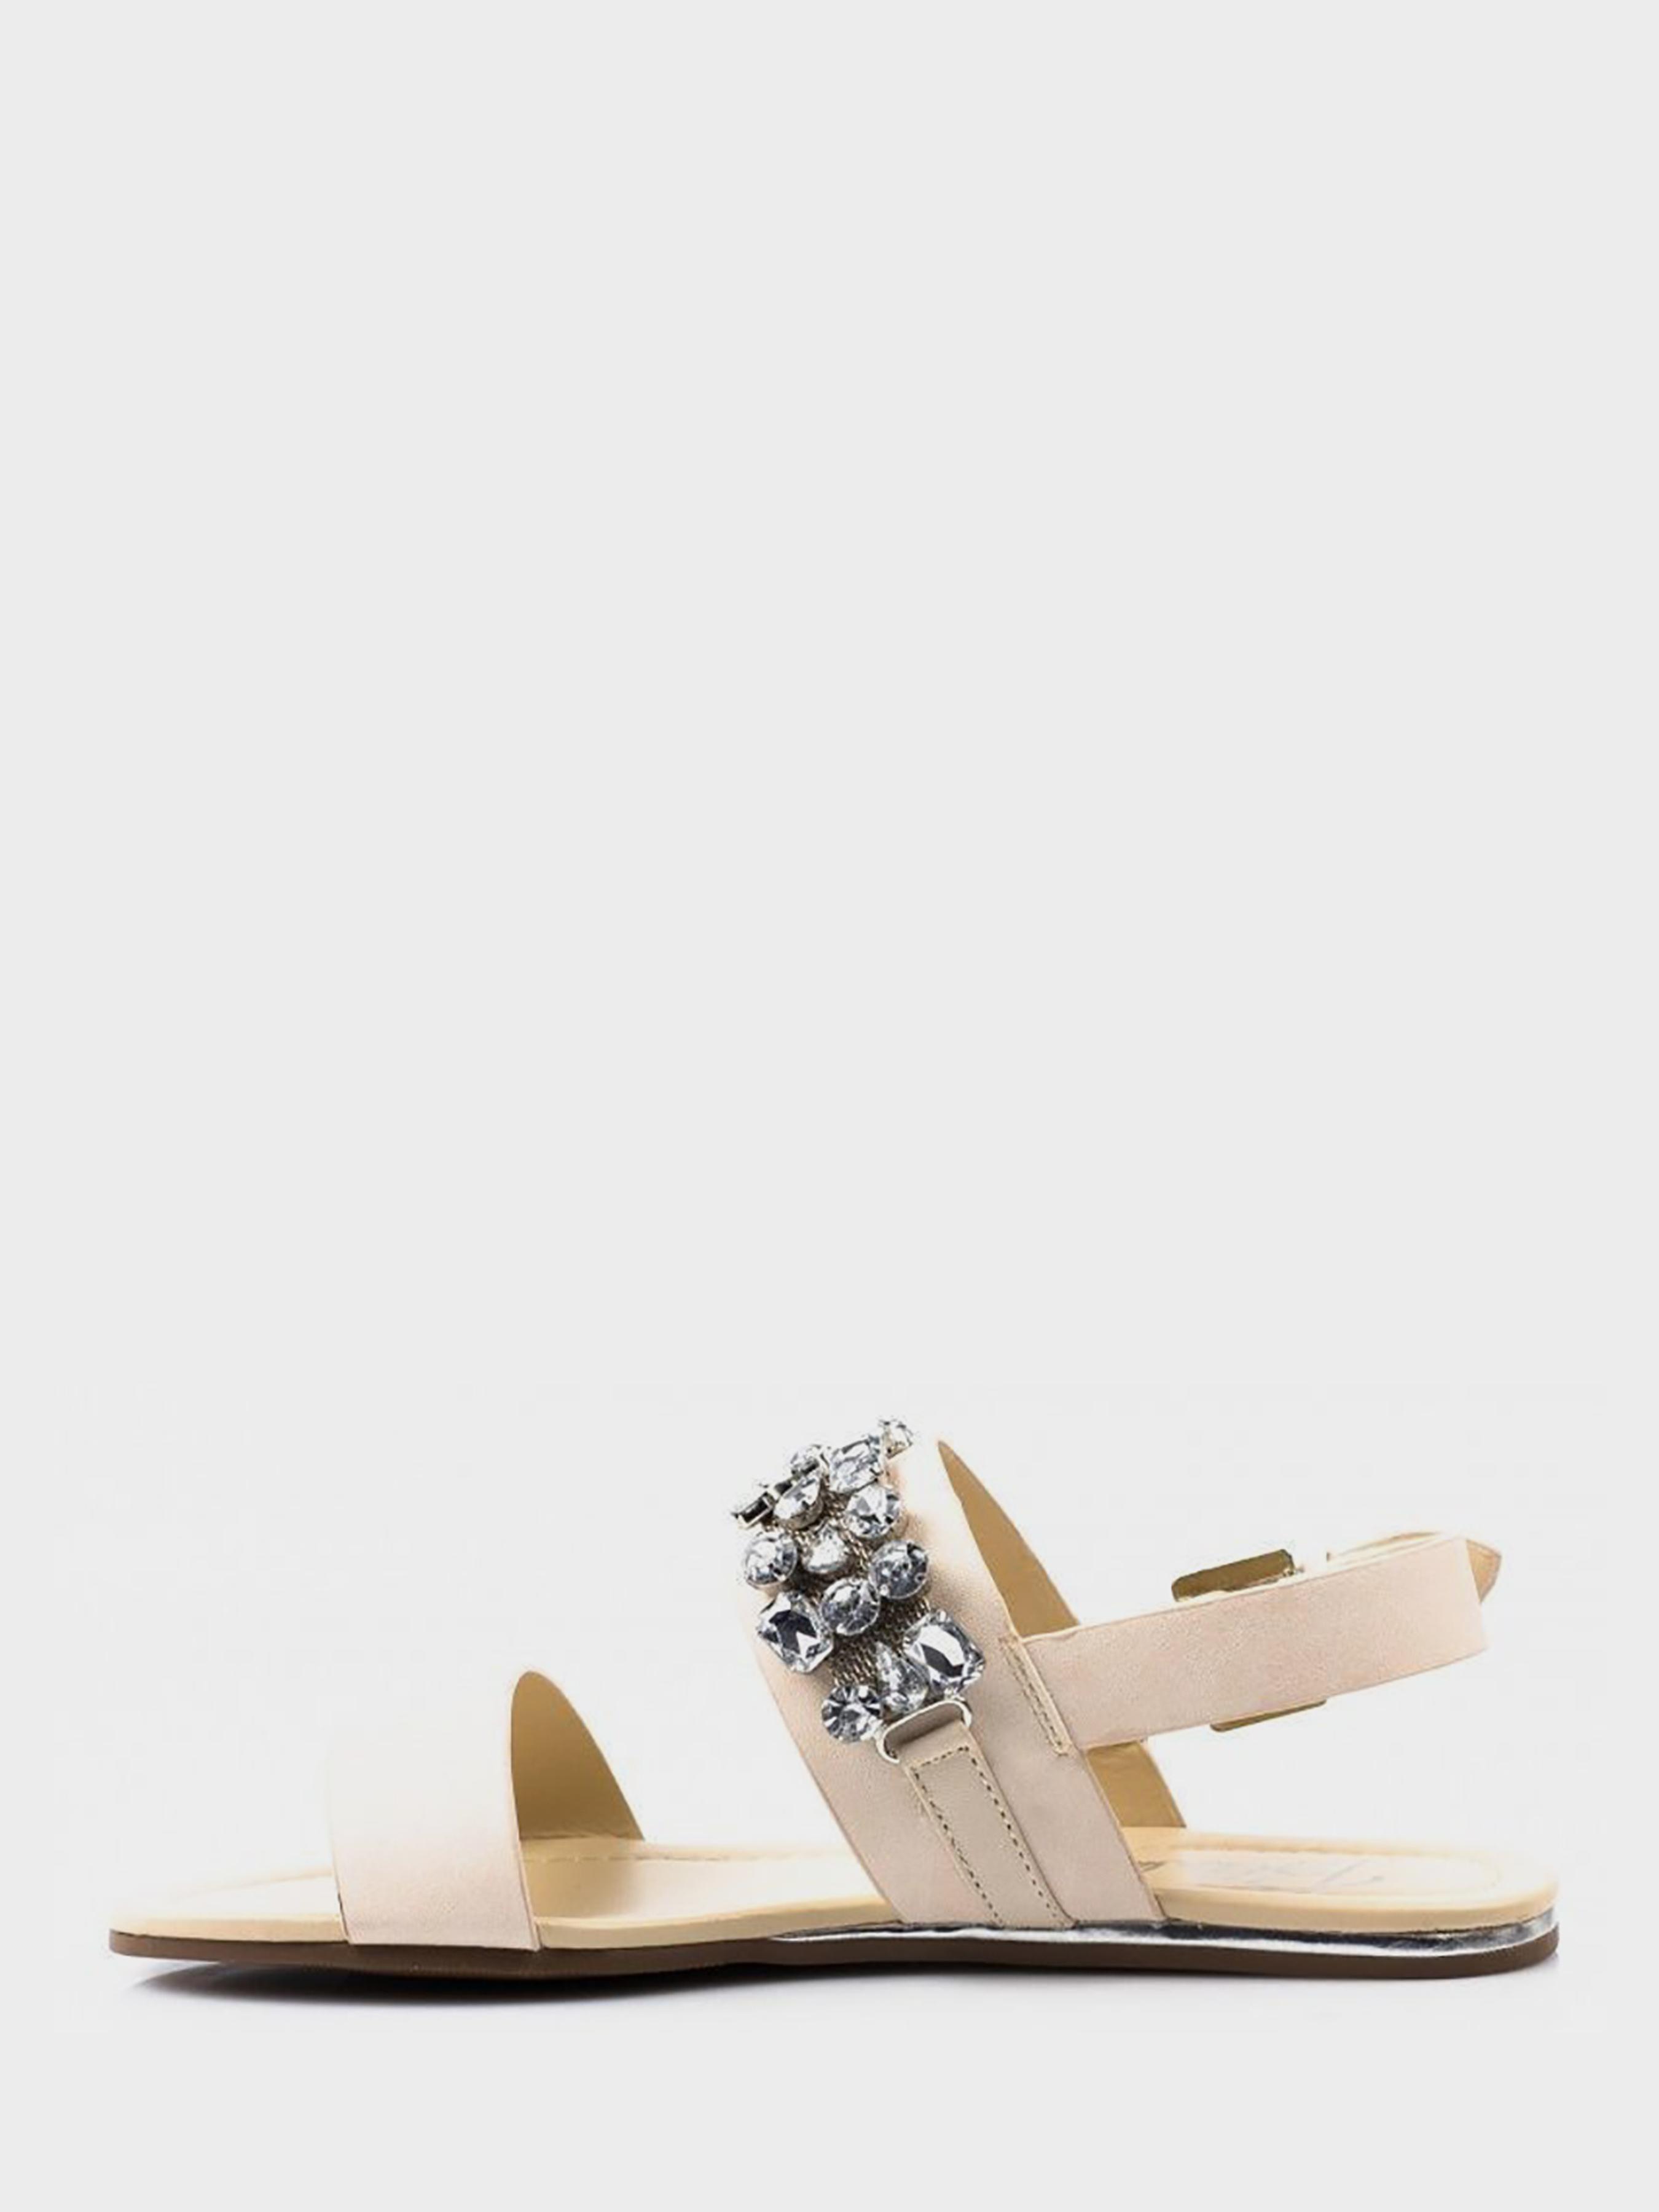 Сандалии для женщин BLINK BL1808 размерная сетка обуви, 2017